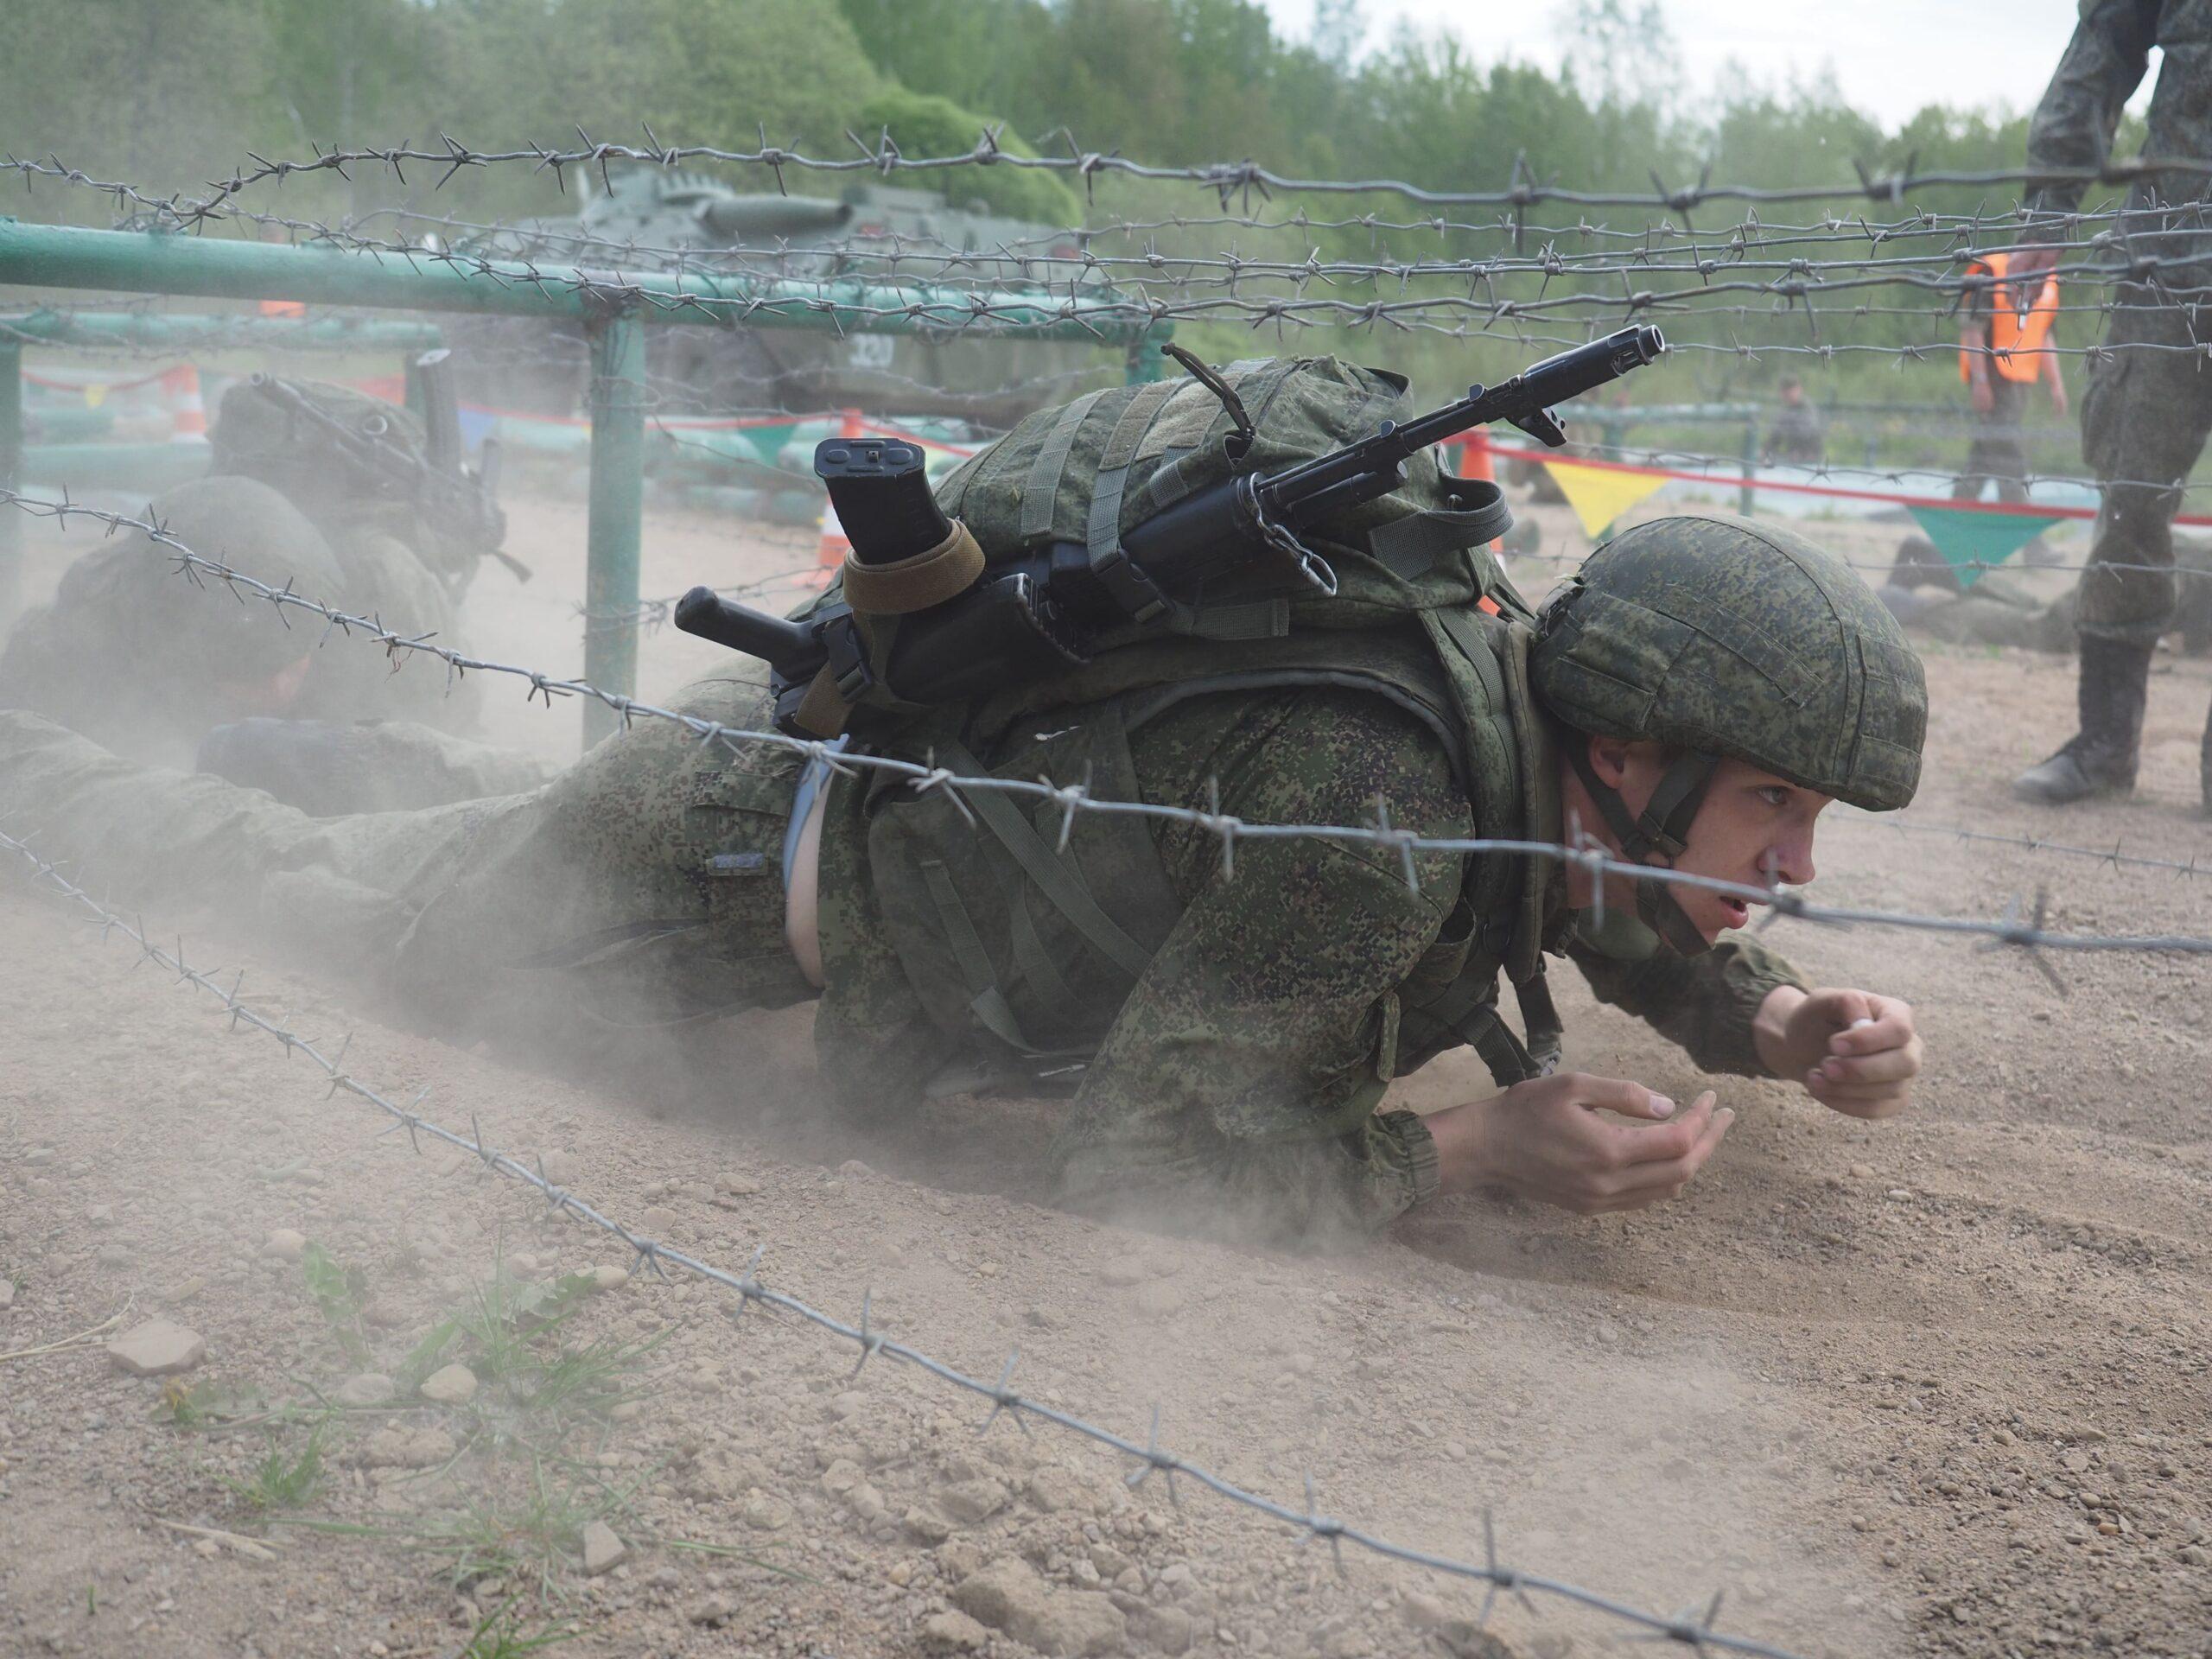 В Красном Селе стартуют отборочные соревнования за право участия в «Военно-медицинской эстафете» 2020 года